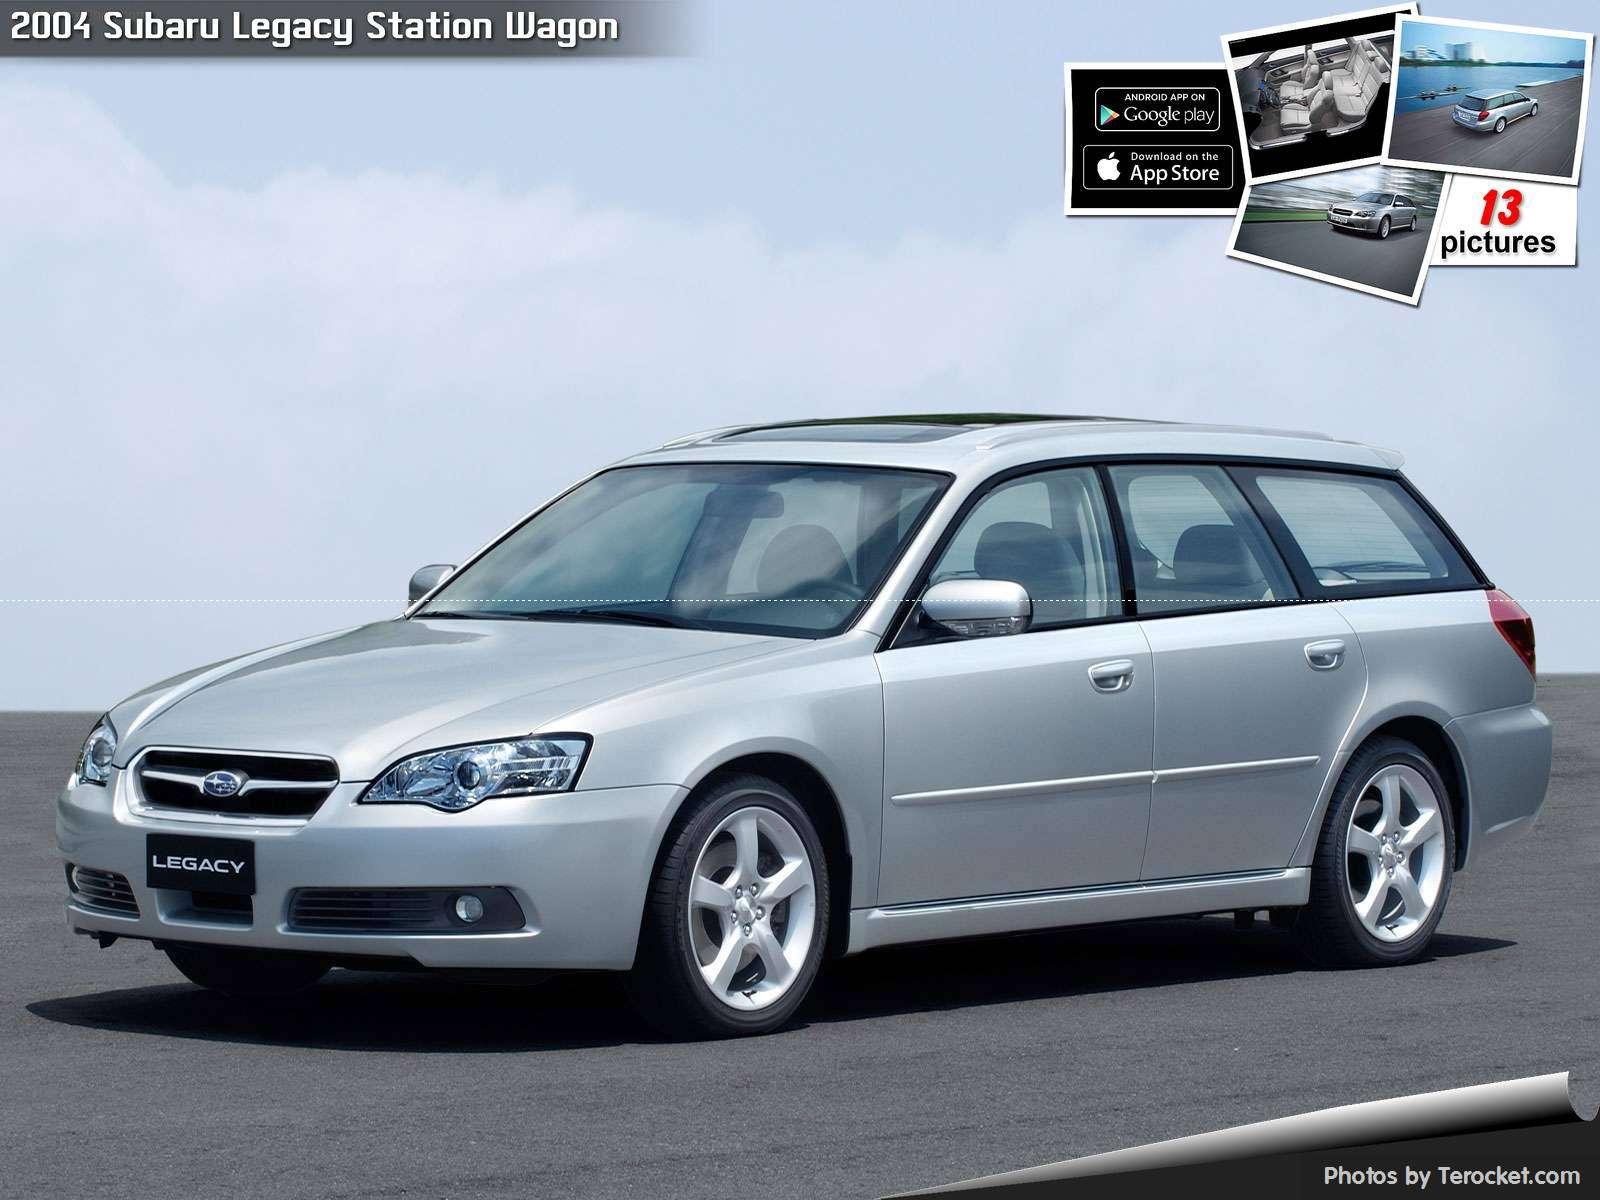 Hình ảnh xe ô tô Subaru Legacy Station Wagon 2004 & nội ngoại thất